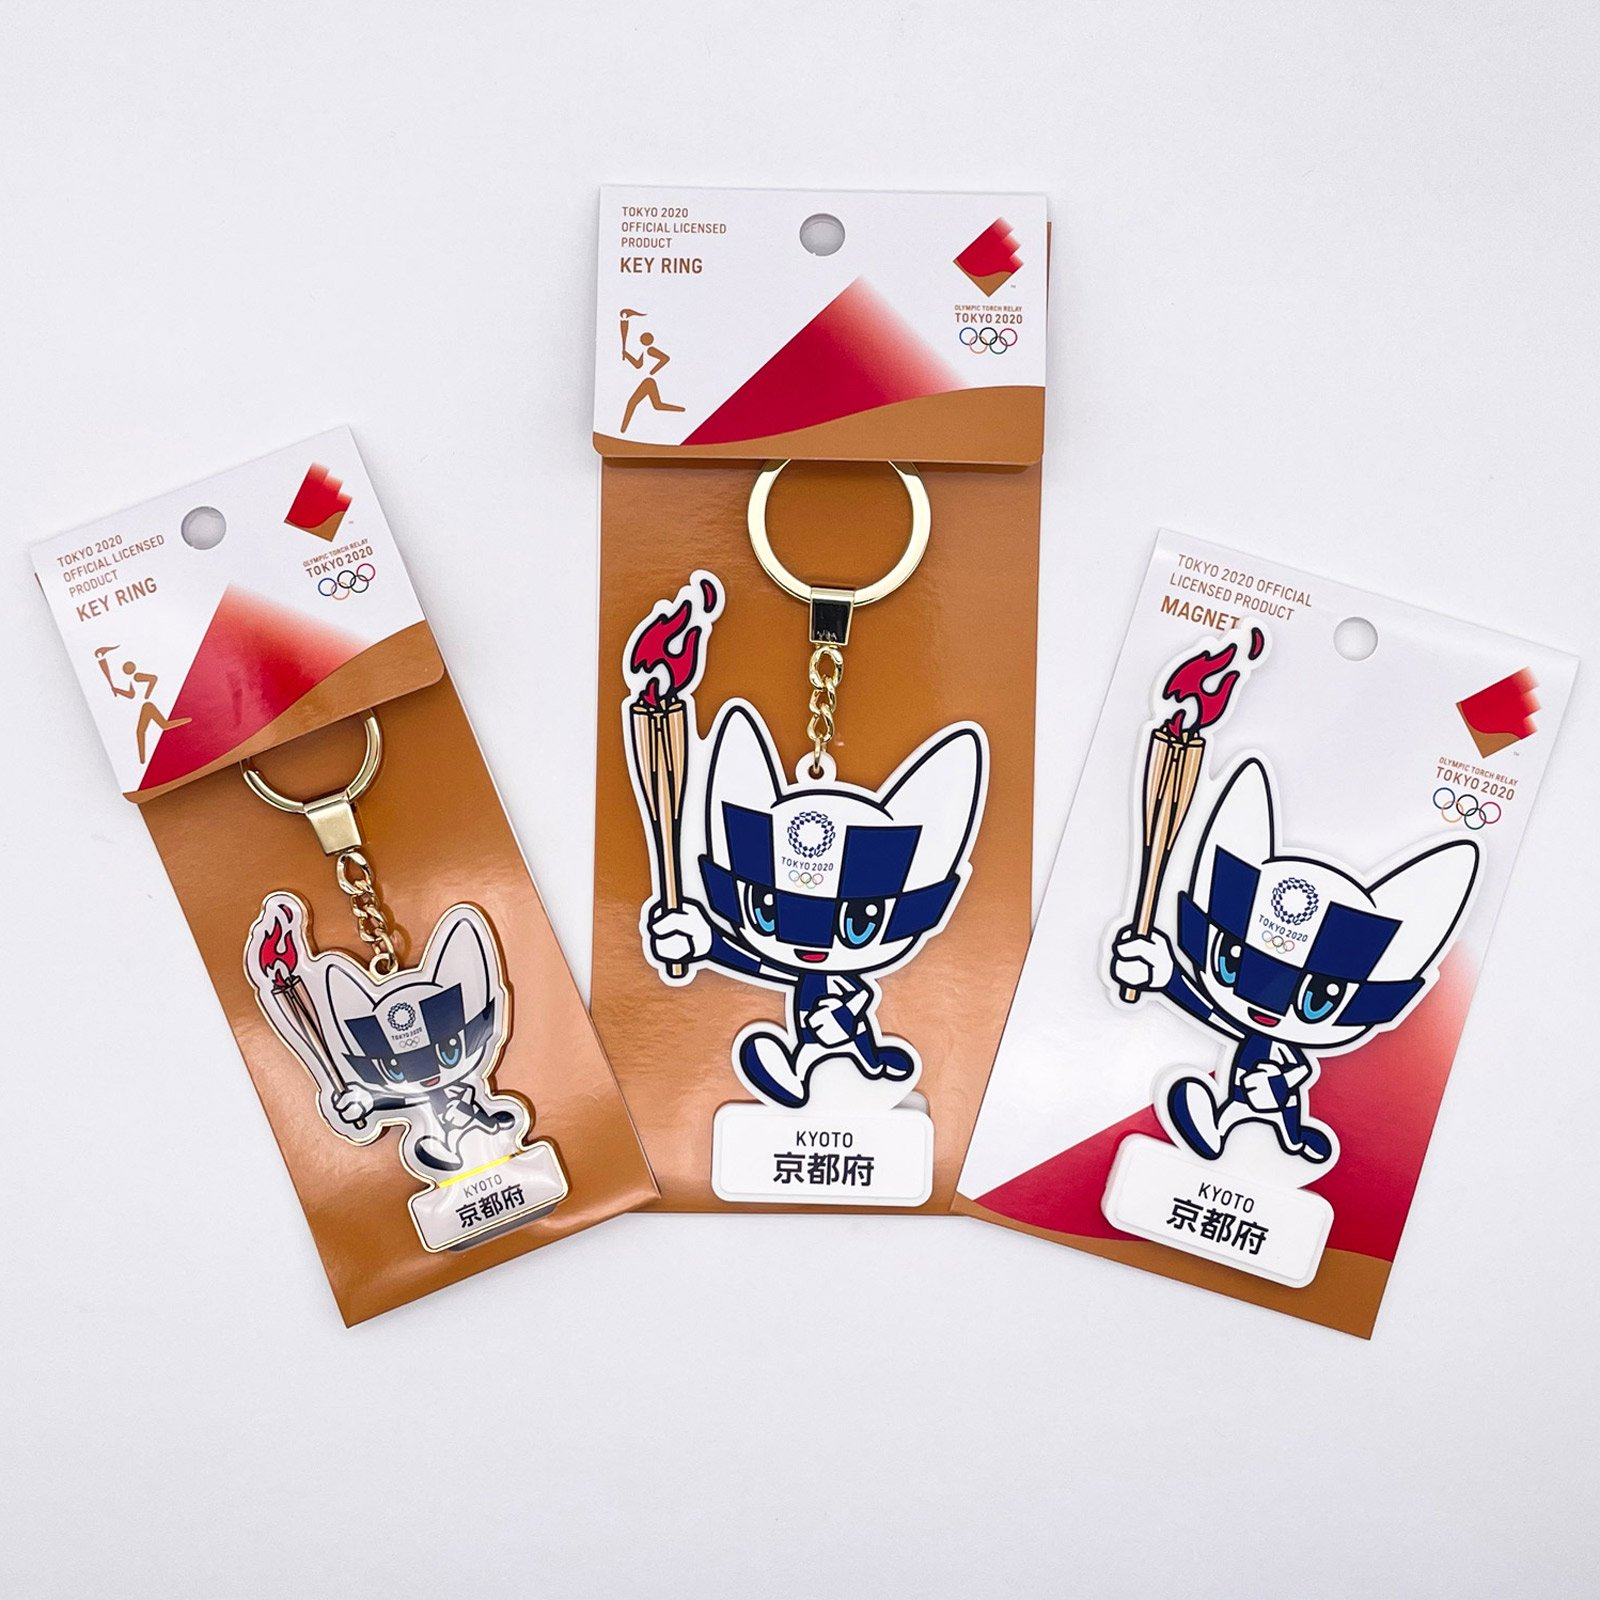 【セール価格】【お得なセット】東京2020オリンピック聖火リレーマスコット商品:京都府セット